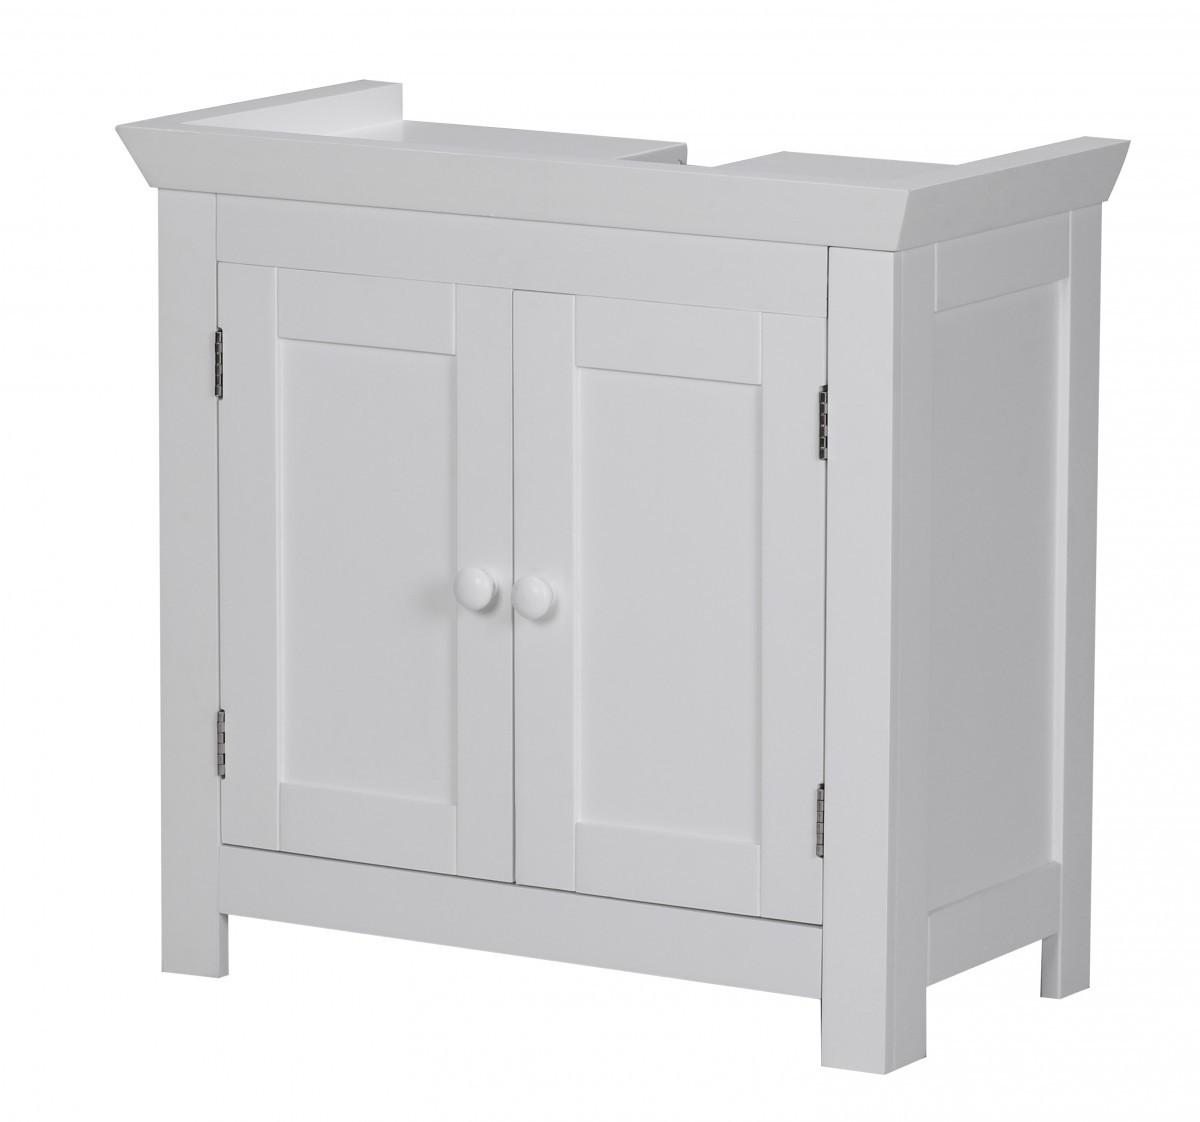 finebuy bad waschbecken unterschrank 55 5 x 57 x 30 cm 2 t ren kommode neu wei ebay. Black Bedroom Furniture Sets. Home Design Ideas